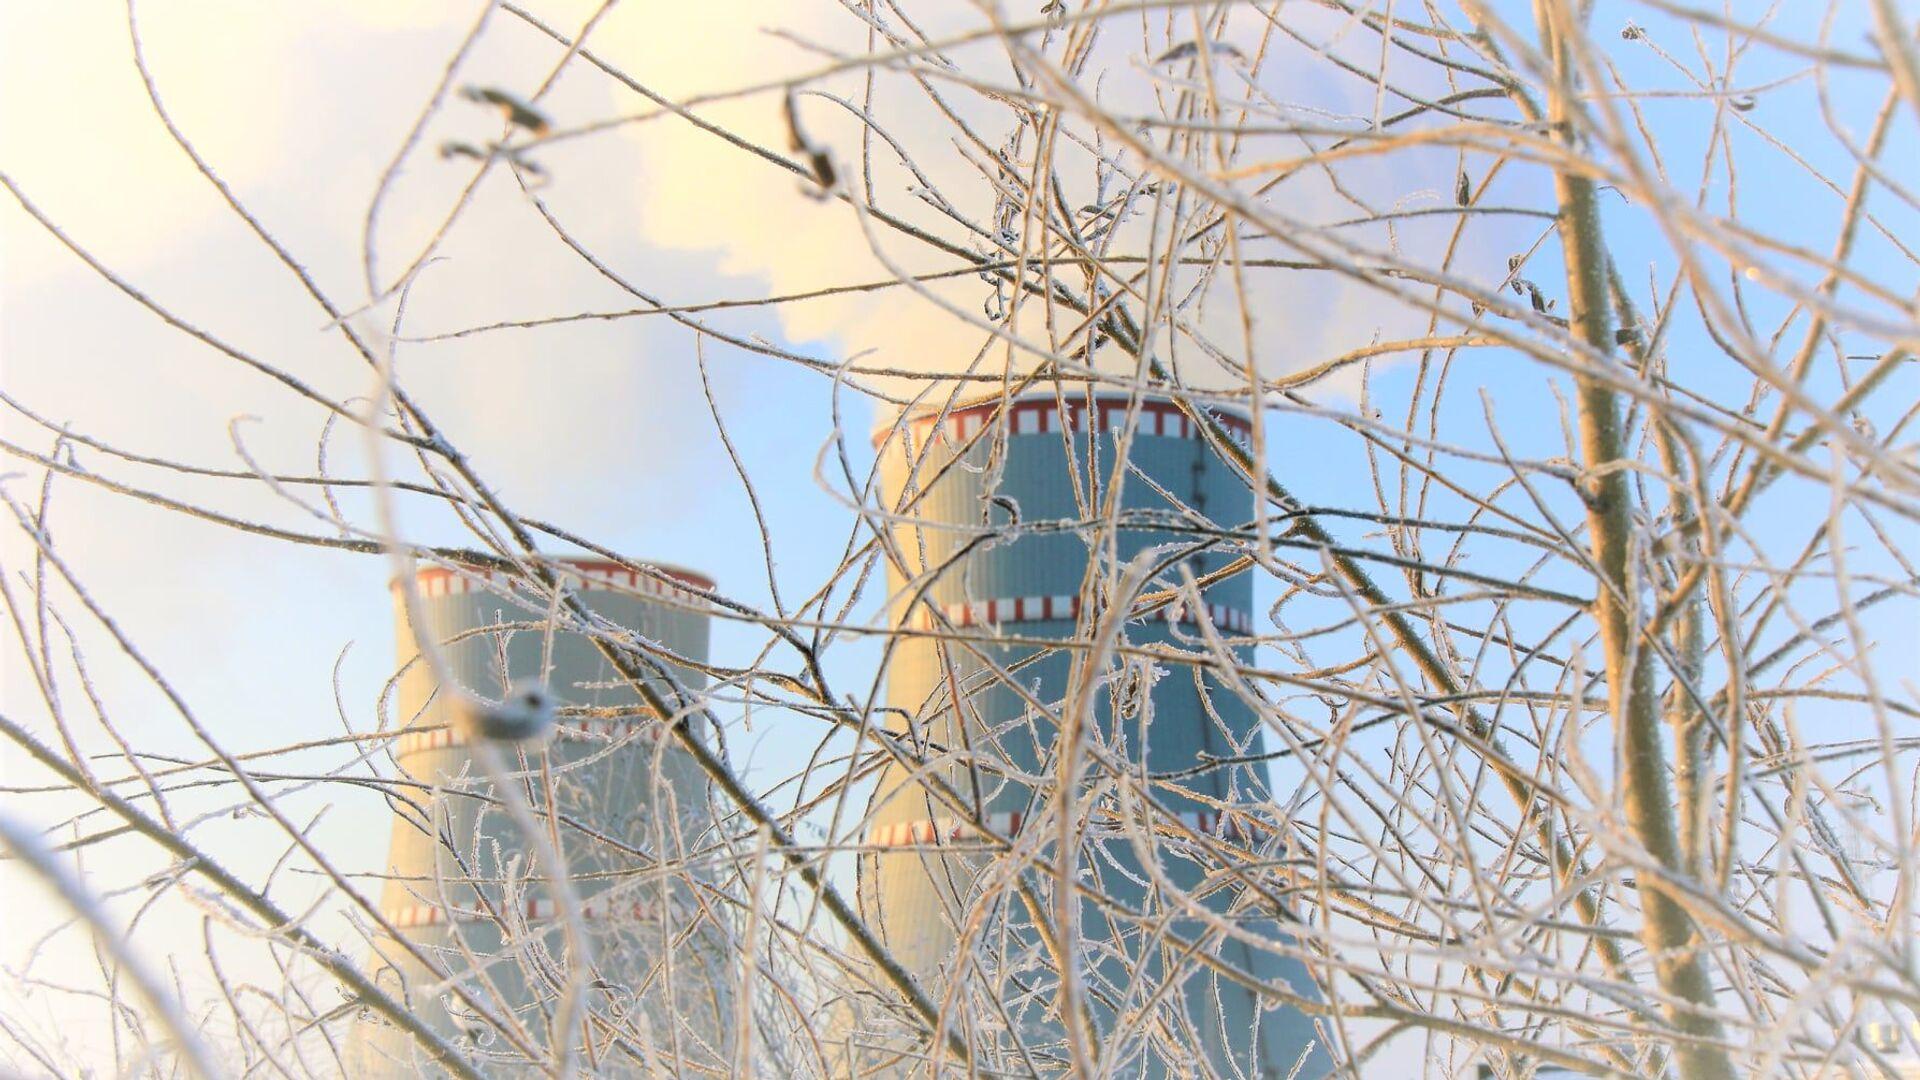 Белорусская атомная электростанция зимой - Sputnik Latvija, 1920, 12.10.2021